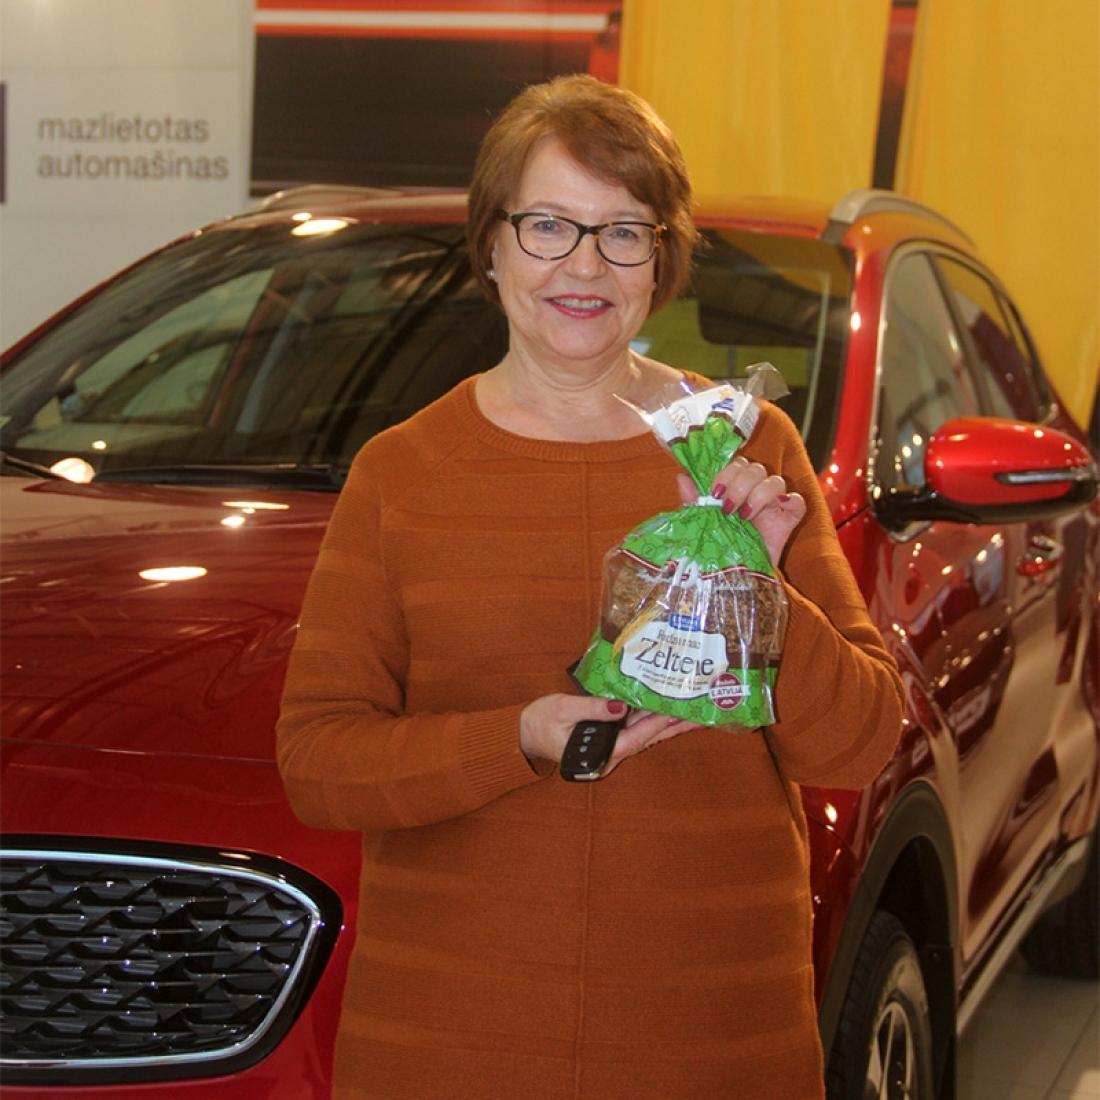 LATVIJAS MAIZNIEKA simtgades loterijā jaunu automašīnu laimējusi pensionāre no Rīgas